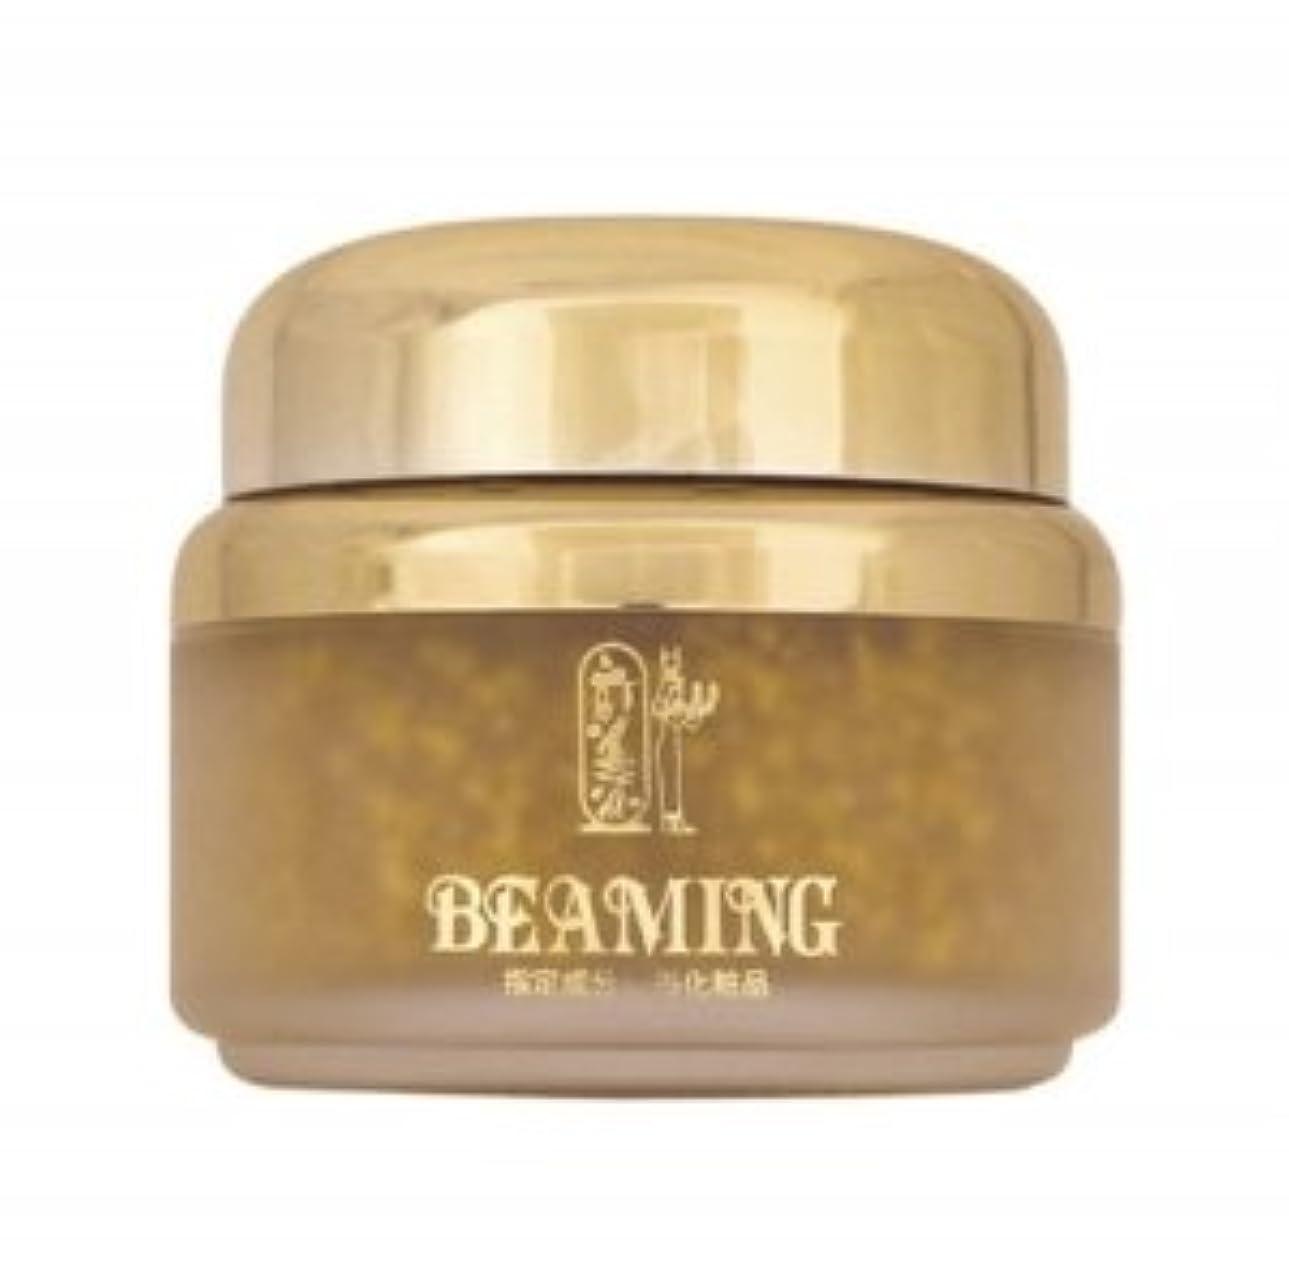 ジーンズ不確実ペネロペVIP ビーミングシリーズ 100% 無添加 美容界の奇跡 超高級 純金箔 錆びない肌 究極の スキンケアセット クレオパトラ の 基礎化粧品 日本製 (ビーミングゴールドフェースブロック)